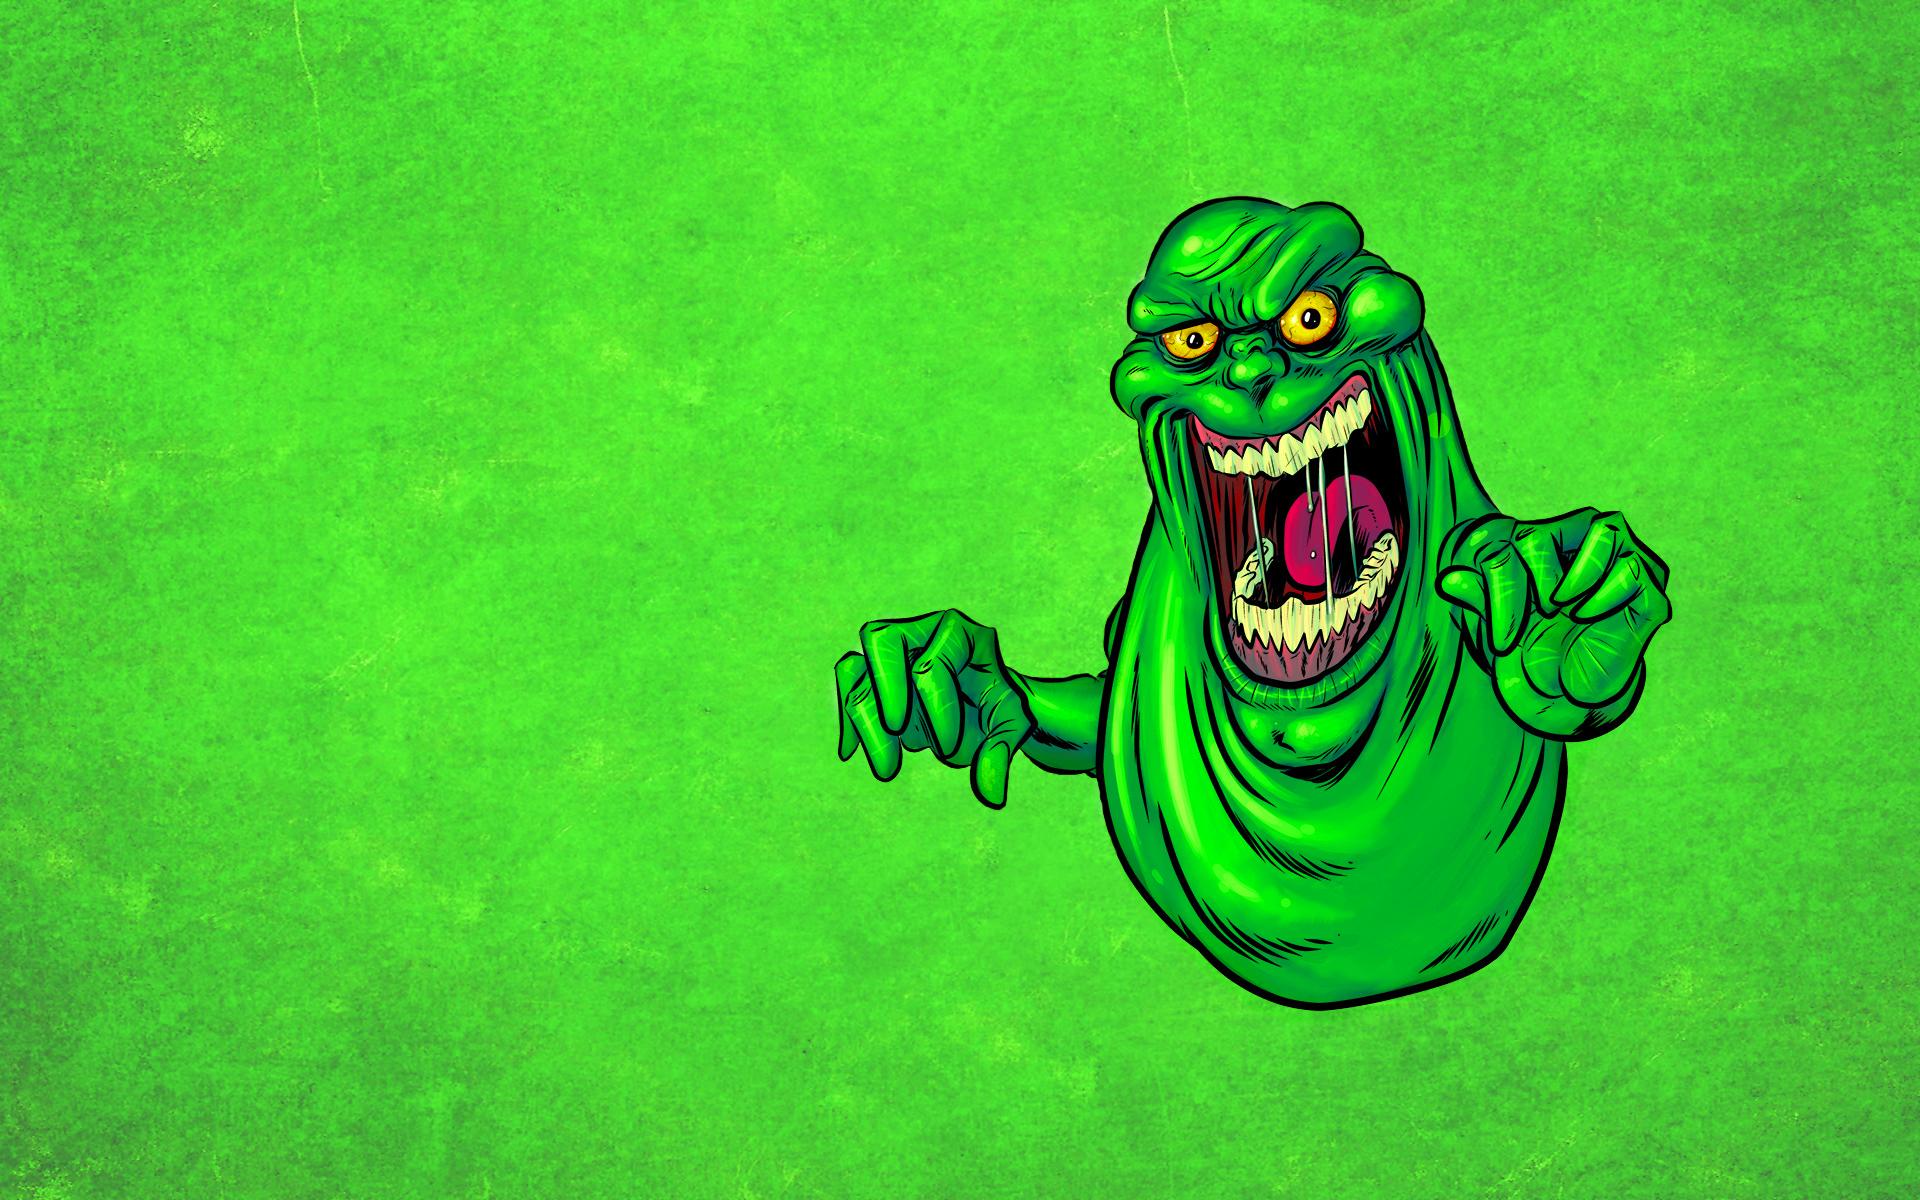 Slimer ghostbusters